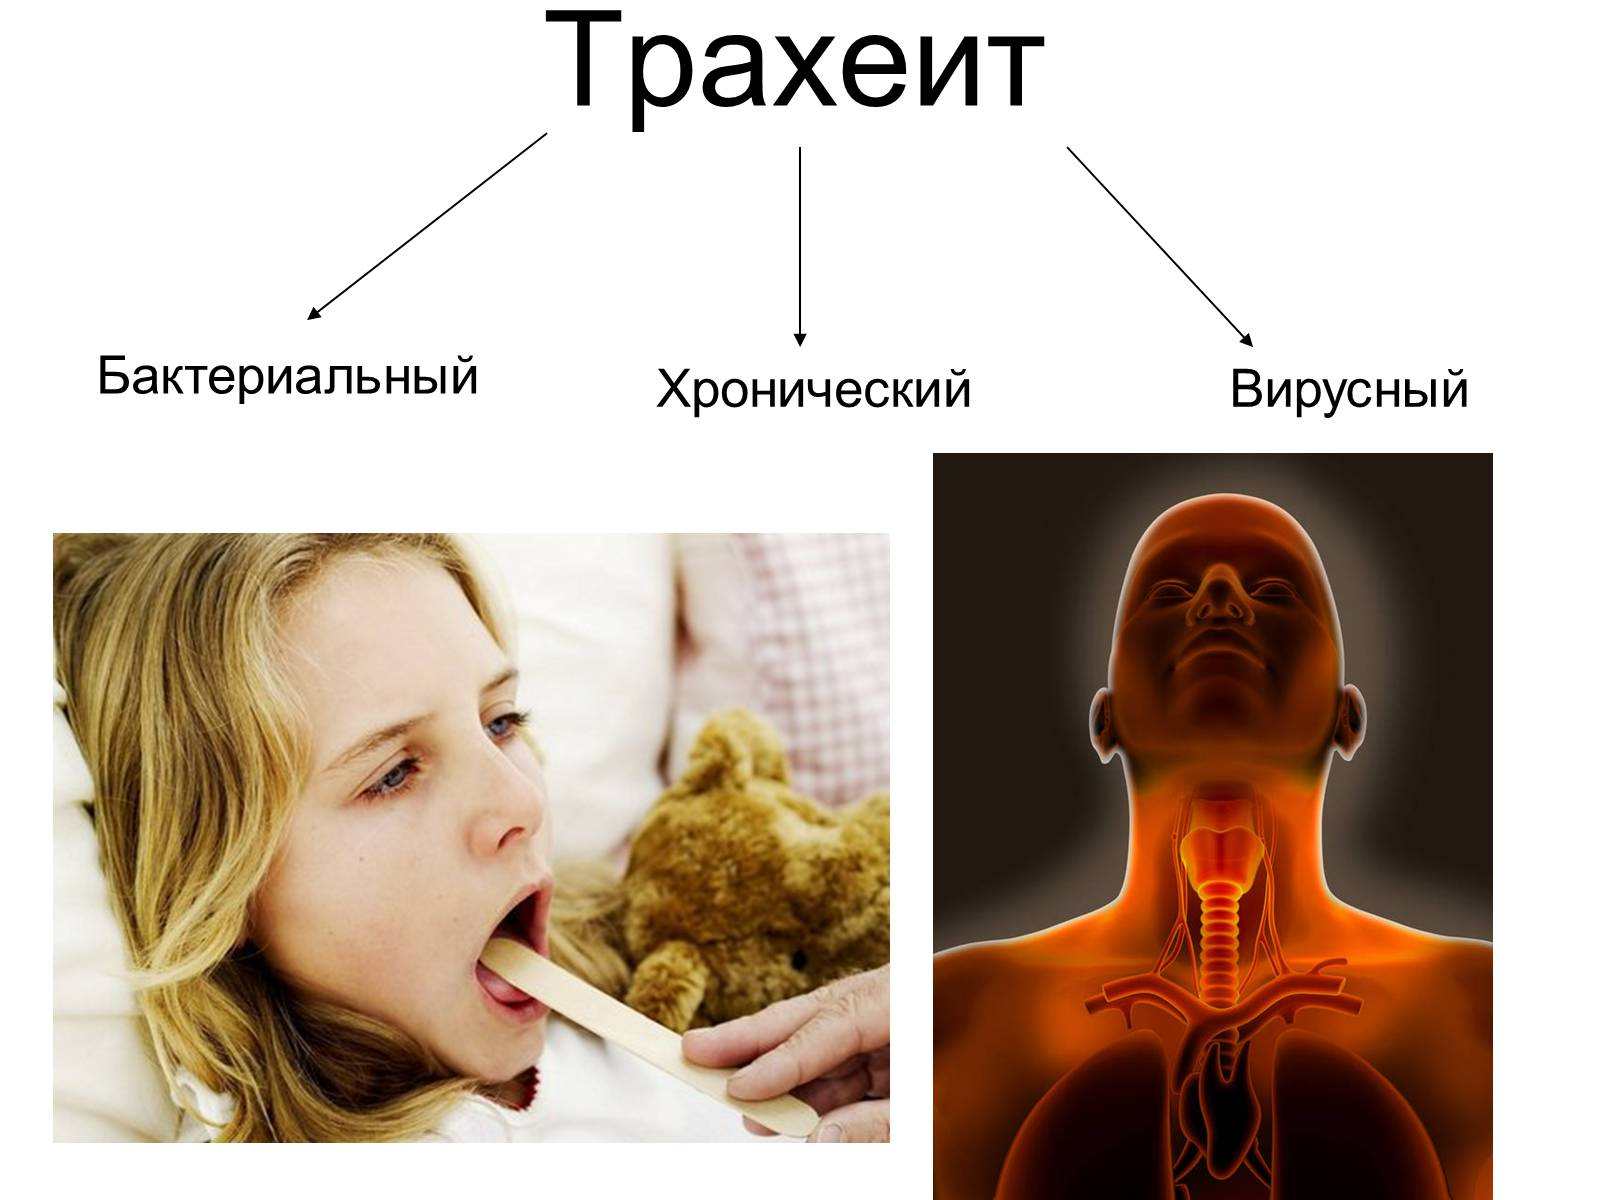 Трахеит у детей: симптомы, лечение